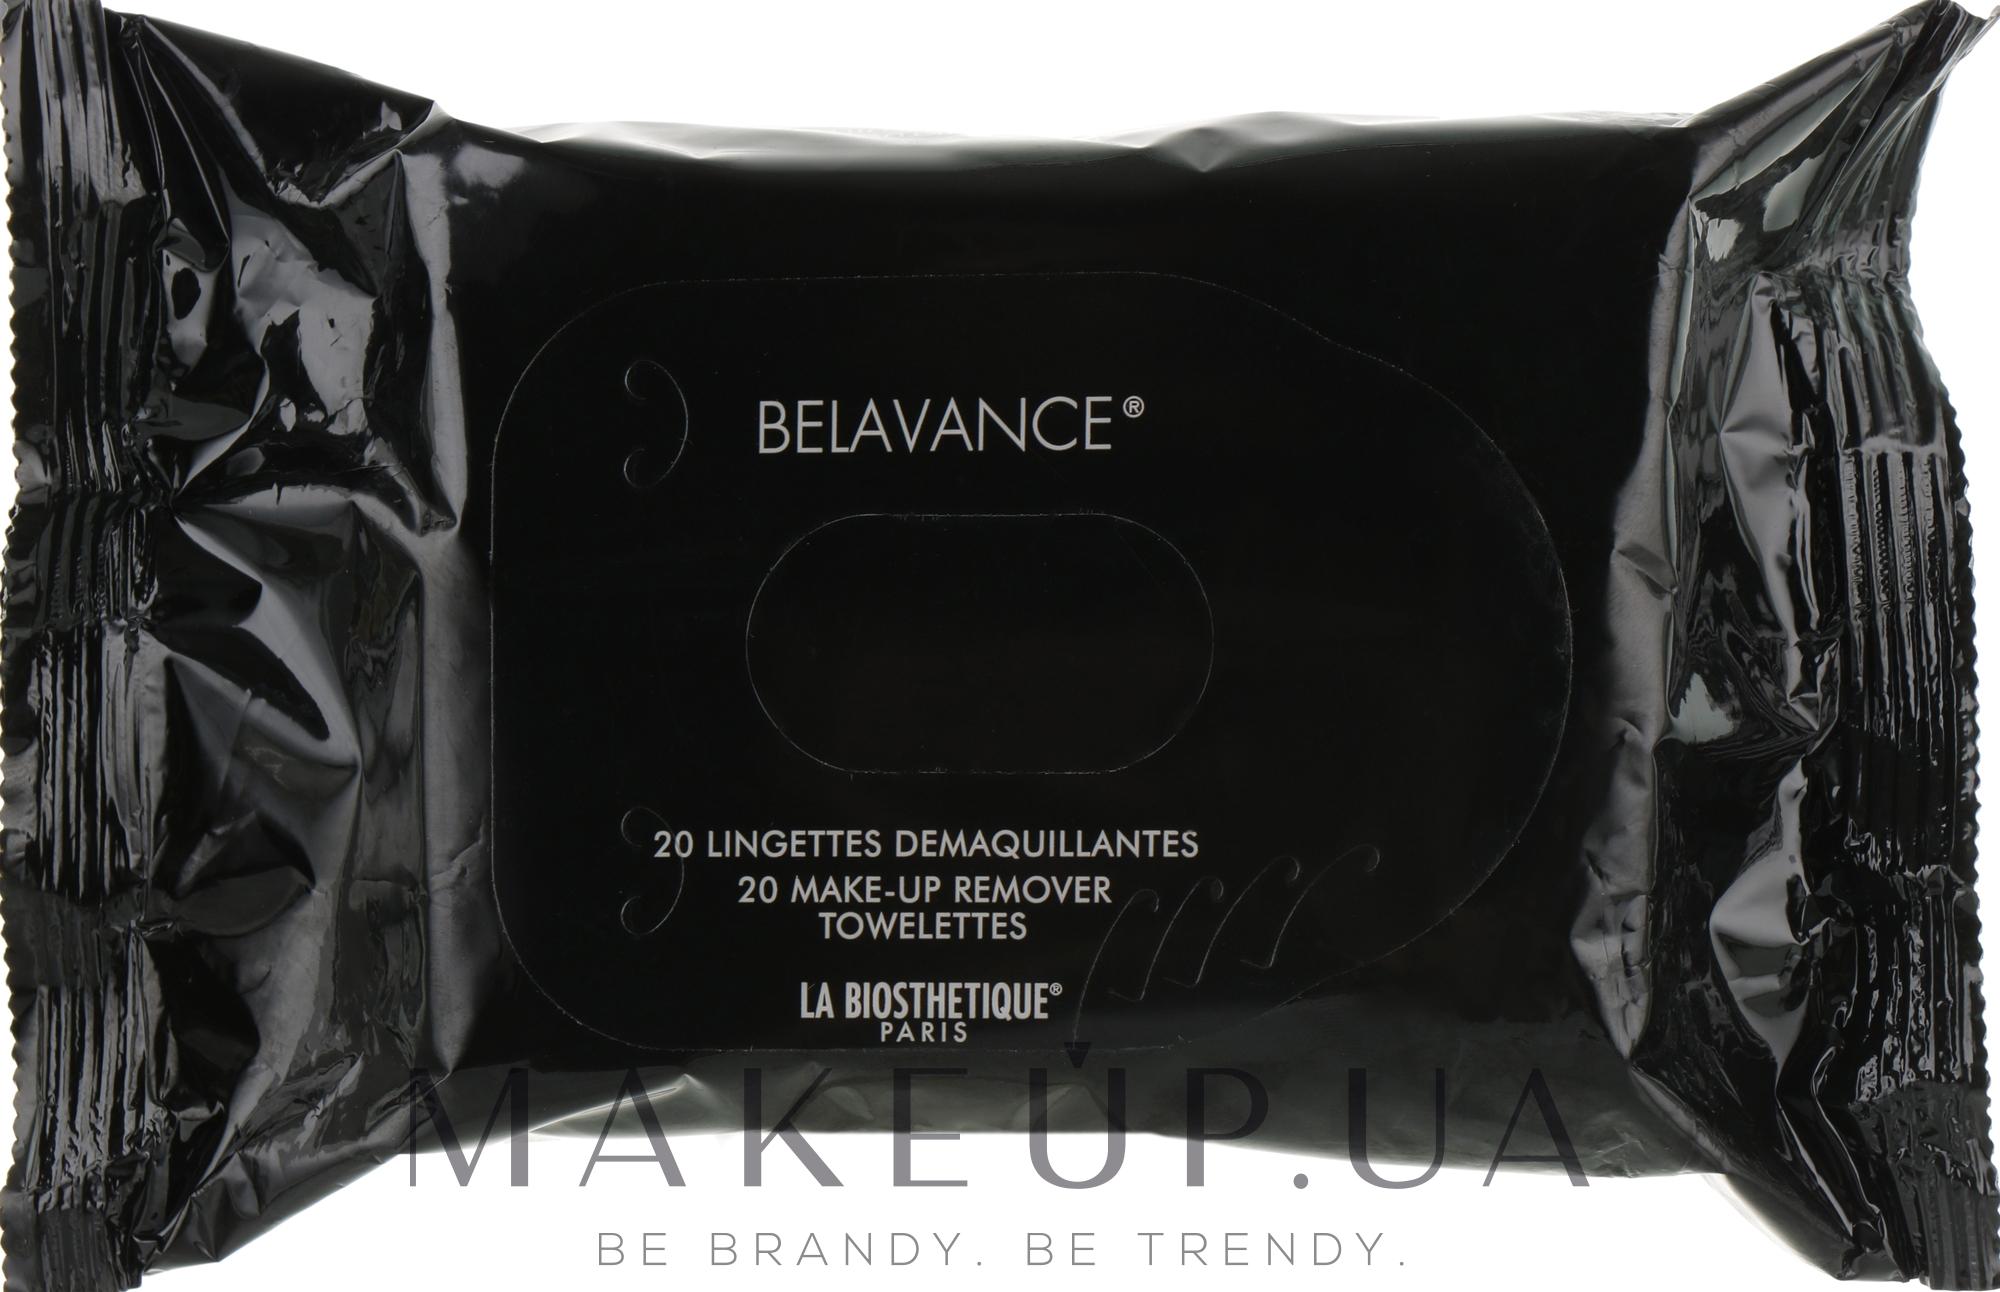 Серветки для зняття макіяжу з очей - La Biosthetique Belavance — фото 20шт